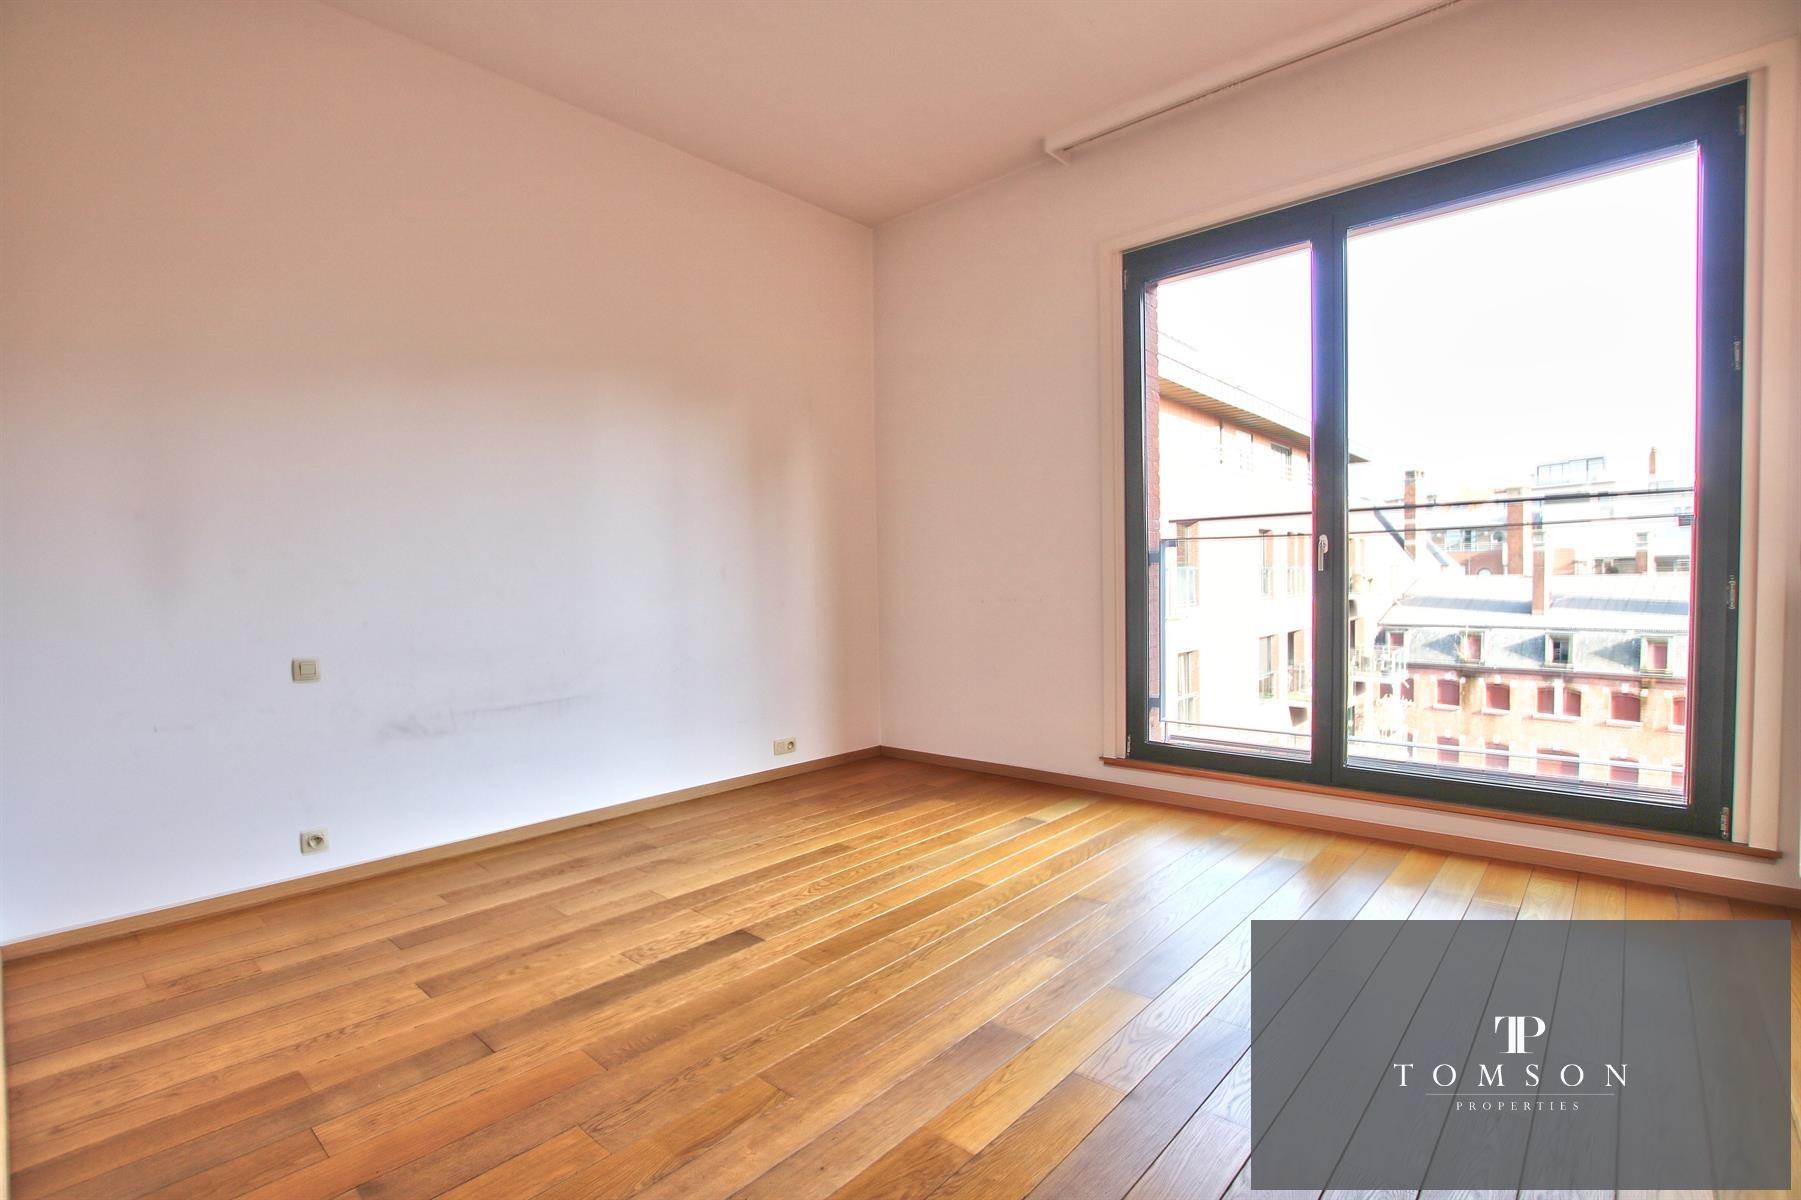 Appartement exceptionnel - Bruxelles - #4420866-14